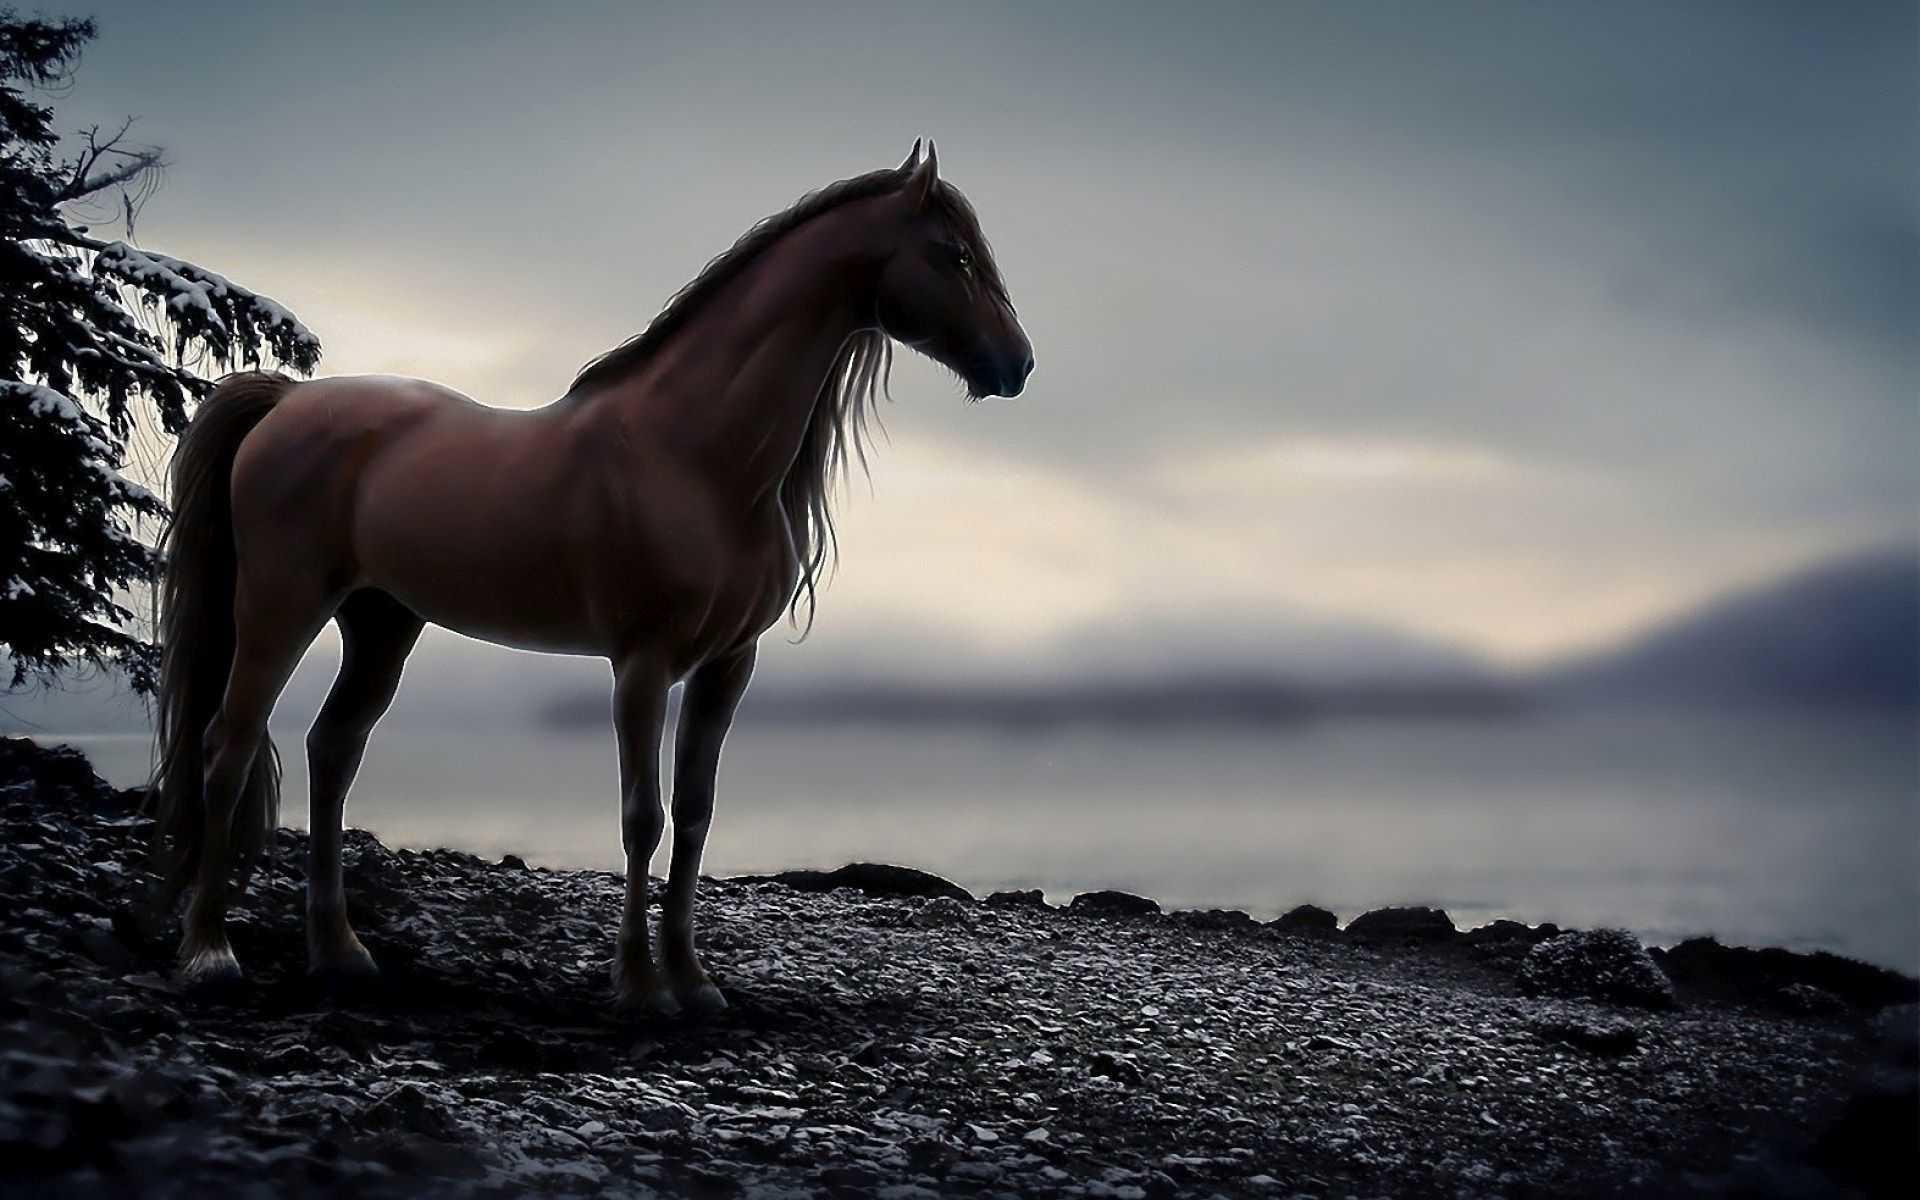 horse wallpaper,horse,mammal,sky,mane,stallion